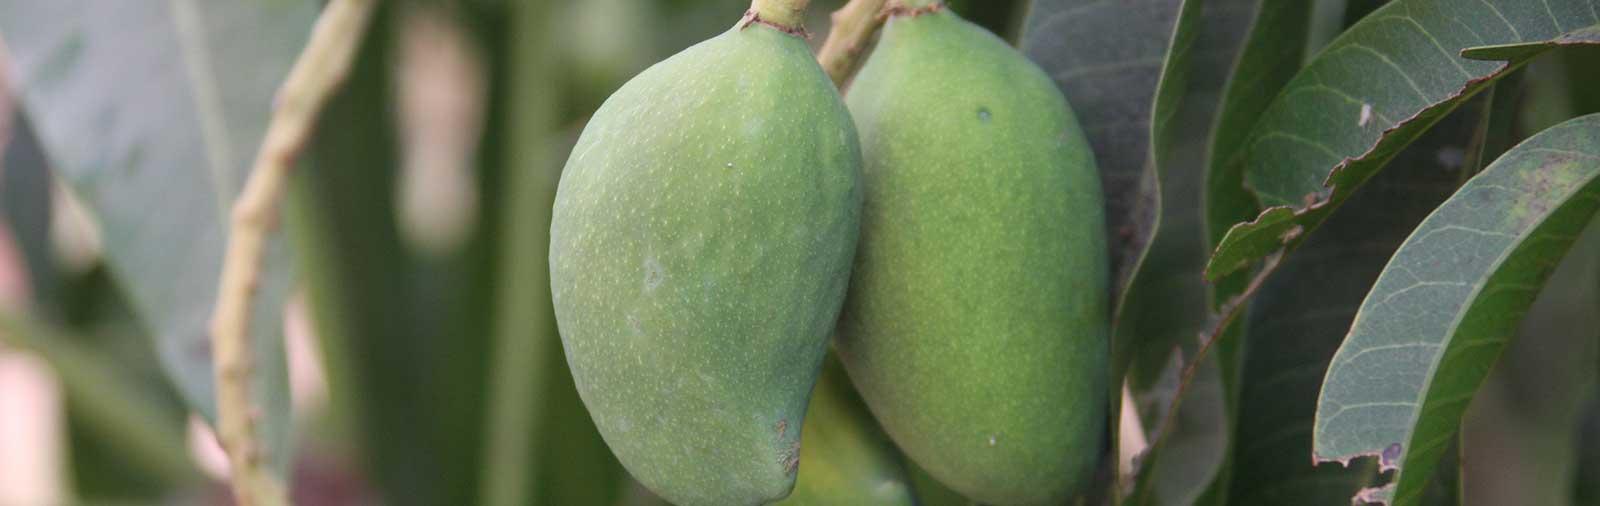 Mangue - Mangifera indica L.